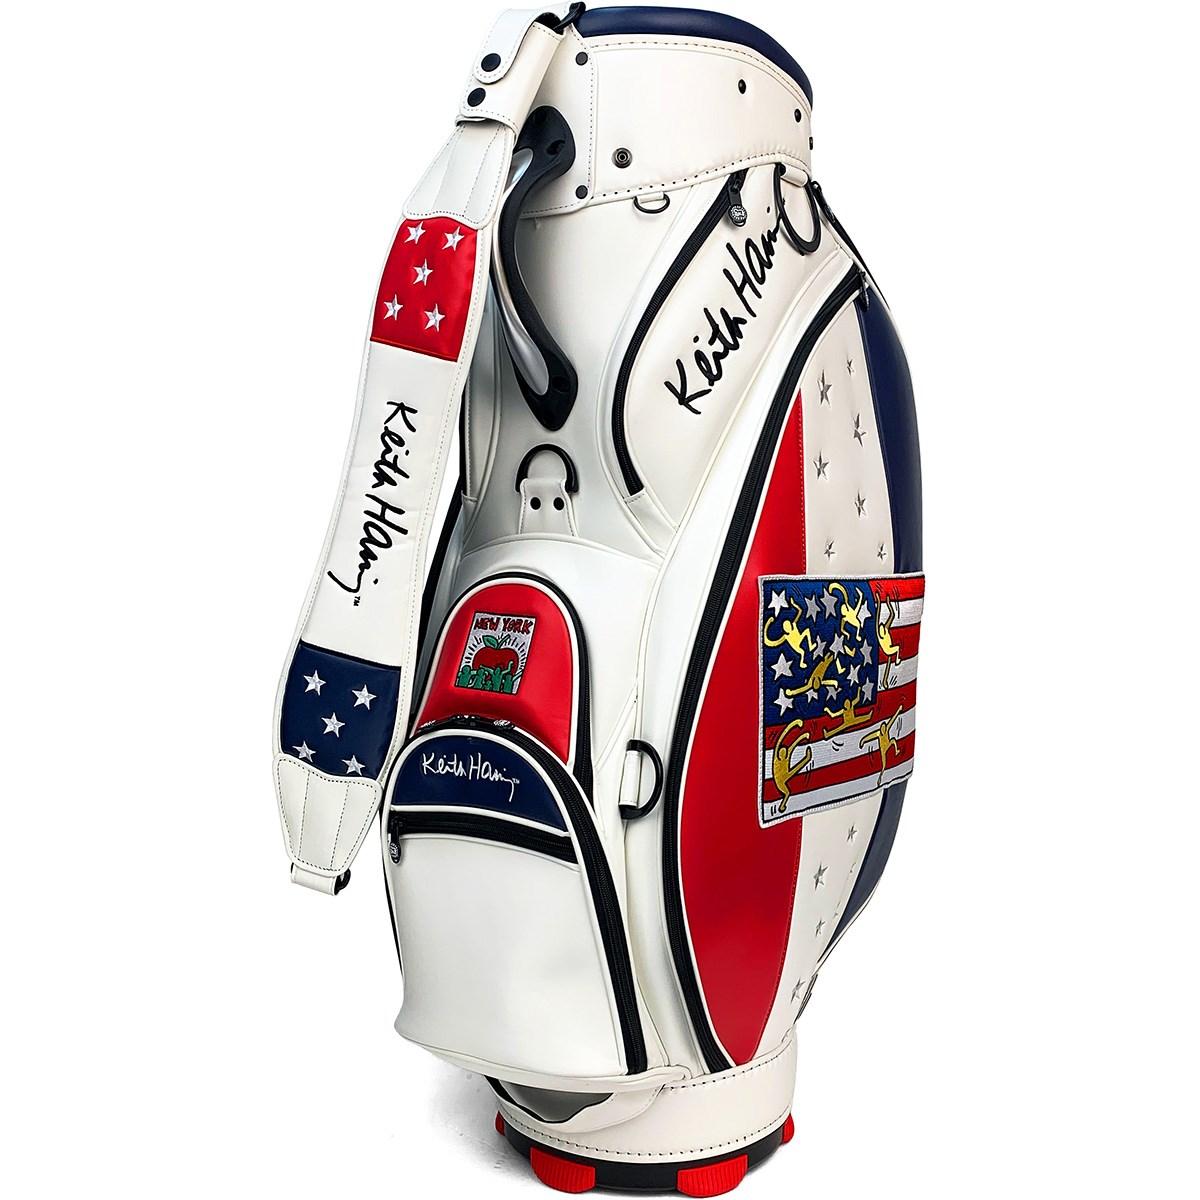 Dショッピング キース ヘリング Keith Haring キャディバッグ ホワイト カテゴリ キャディバッグの販売できる商品 Gdoゴルフショップ ドコモの通販サイト